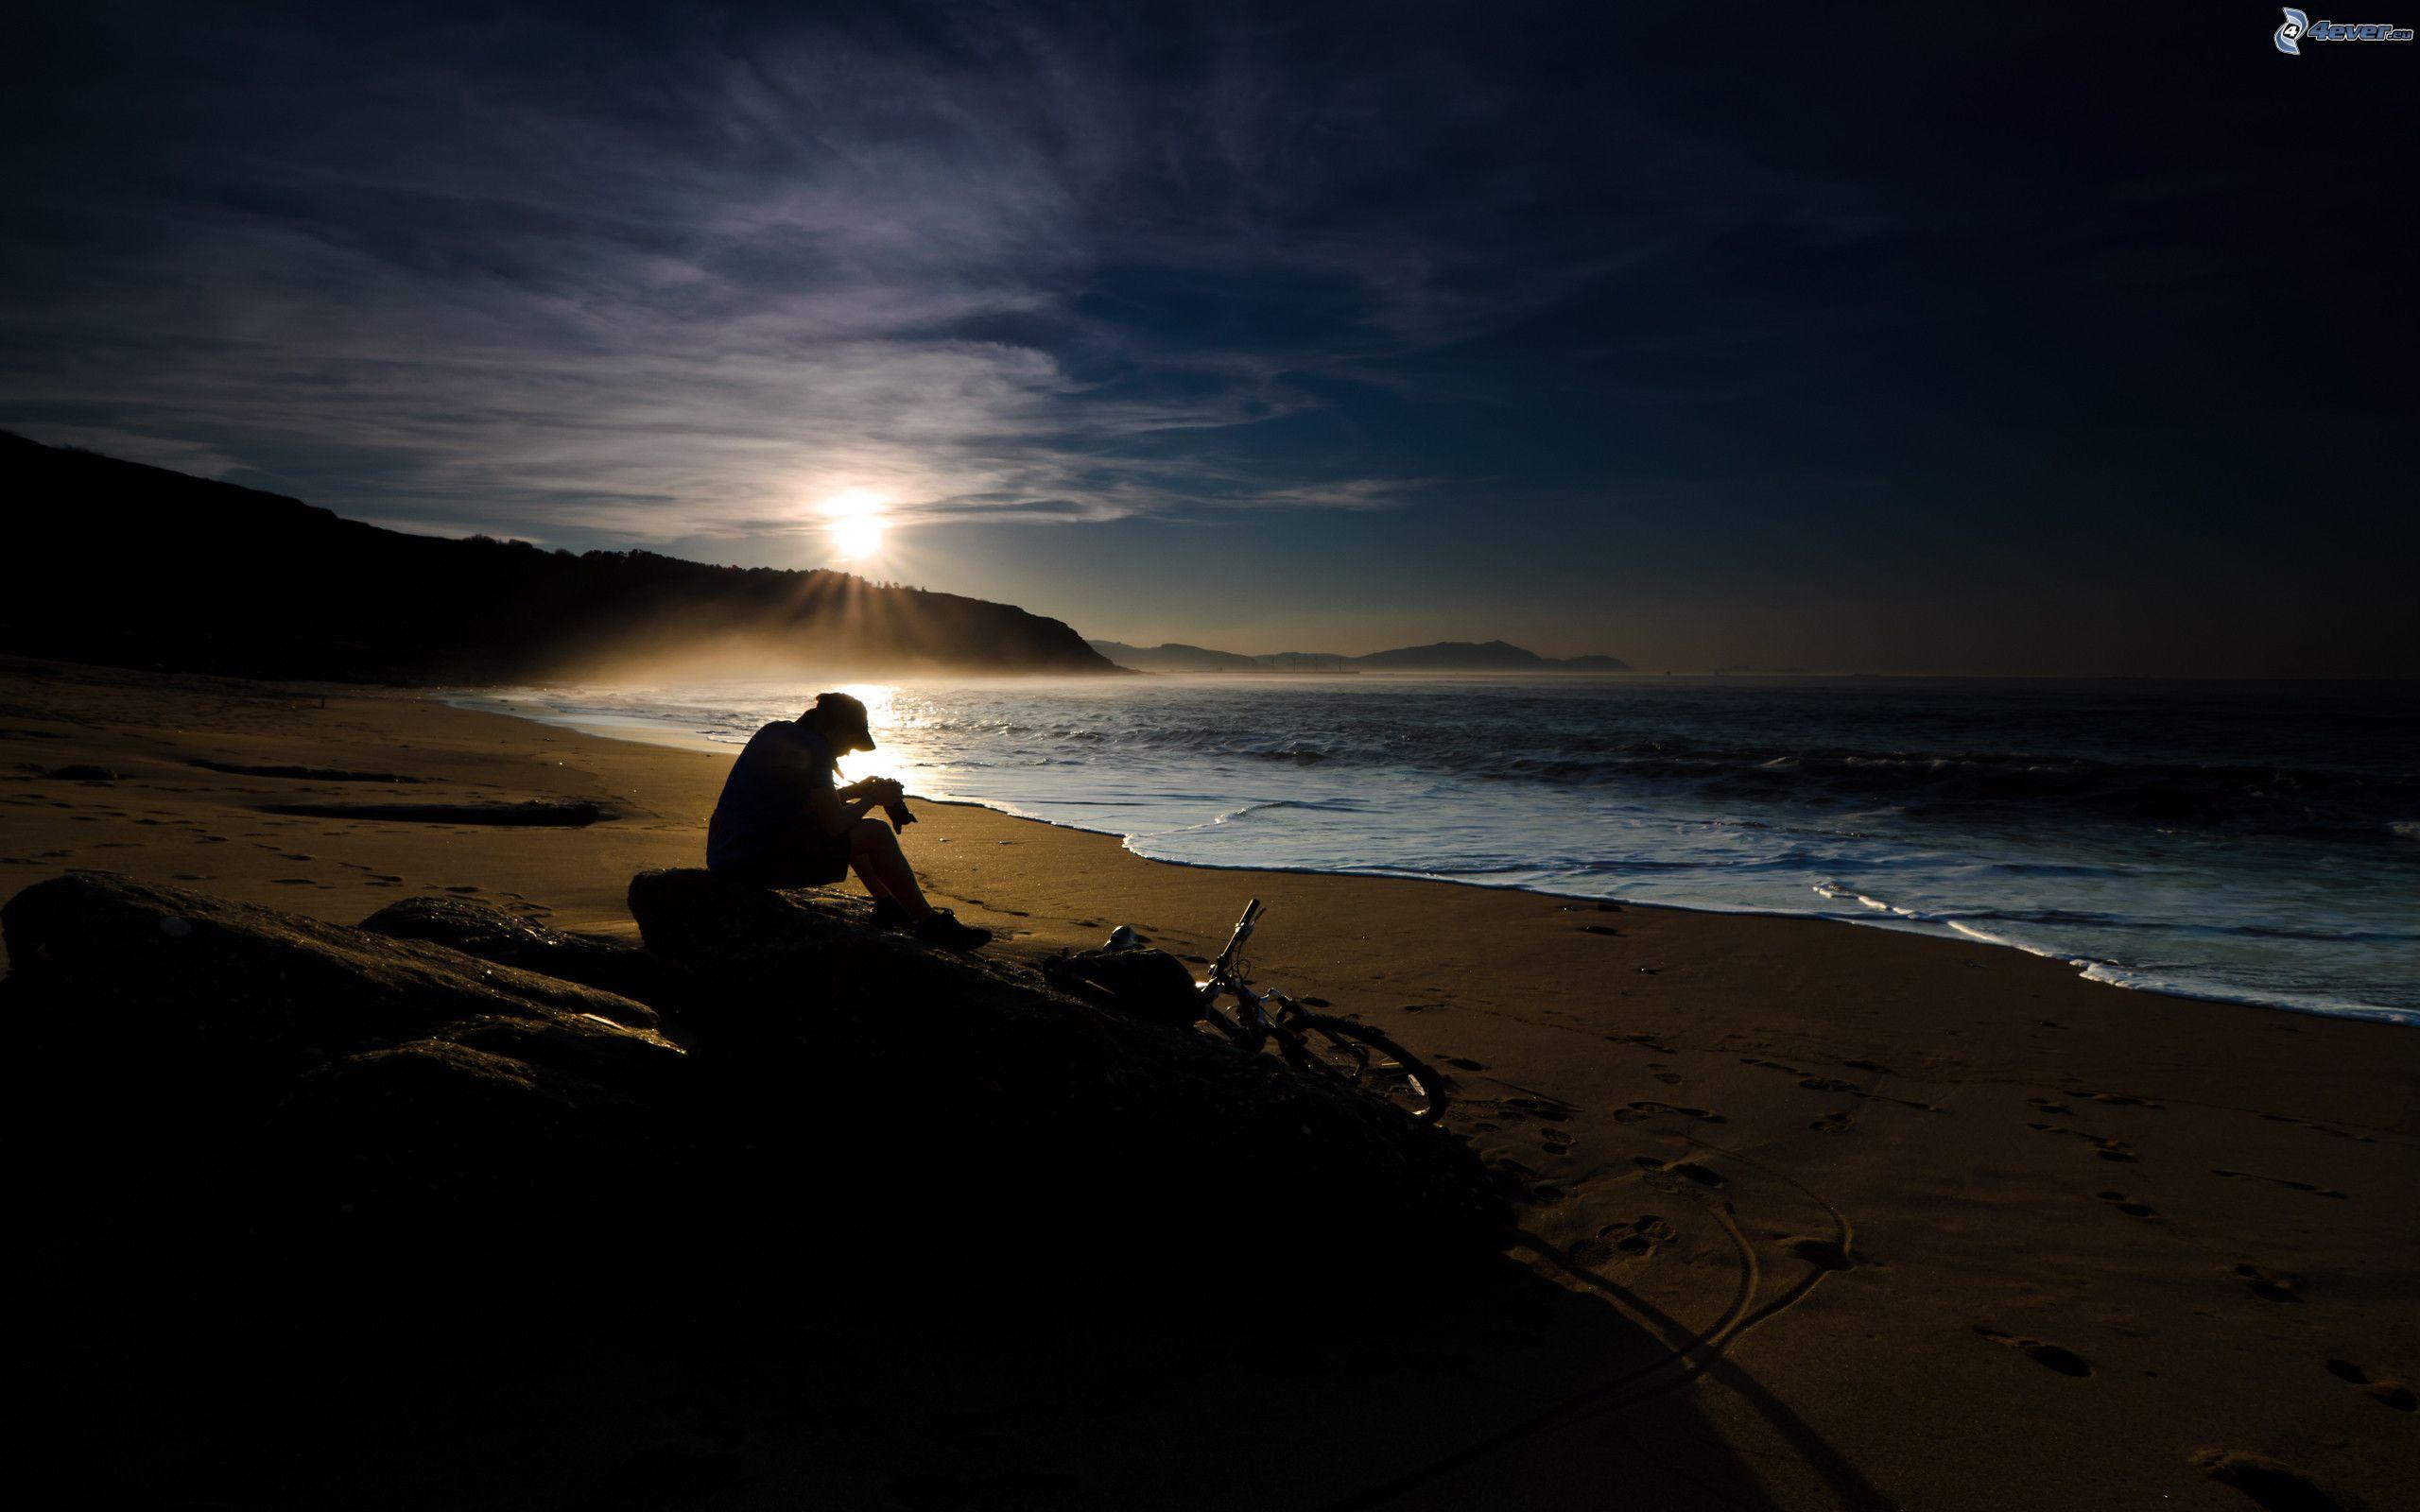 Fotos En La Playa Hombre: Hombre En La Playa